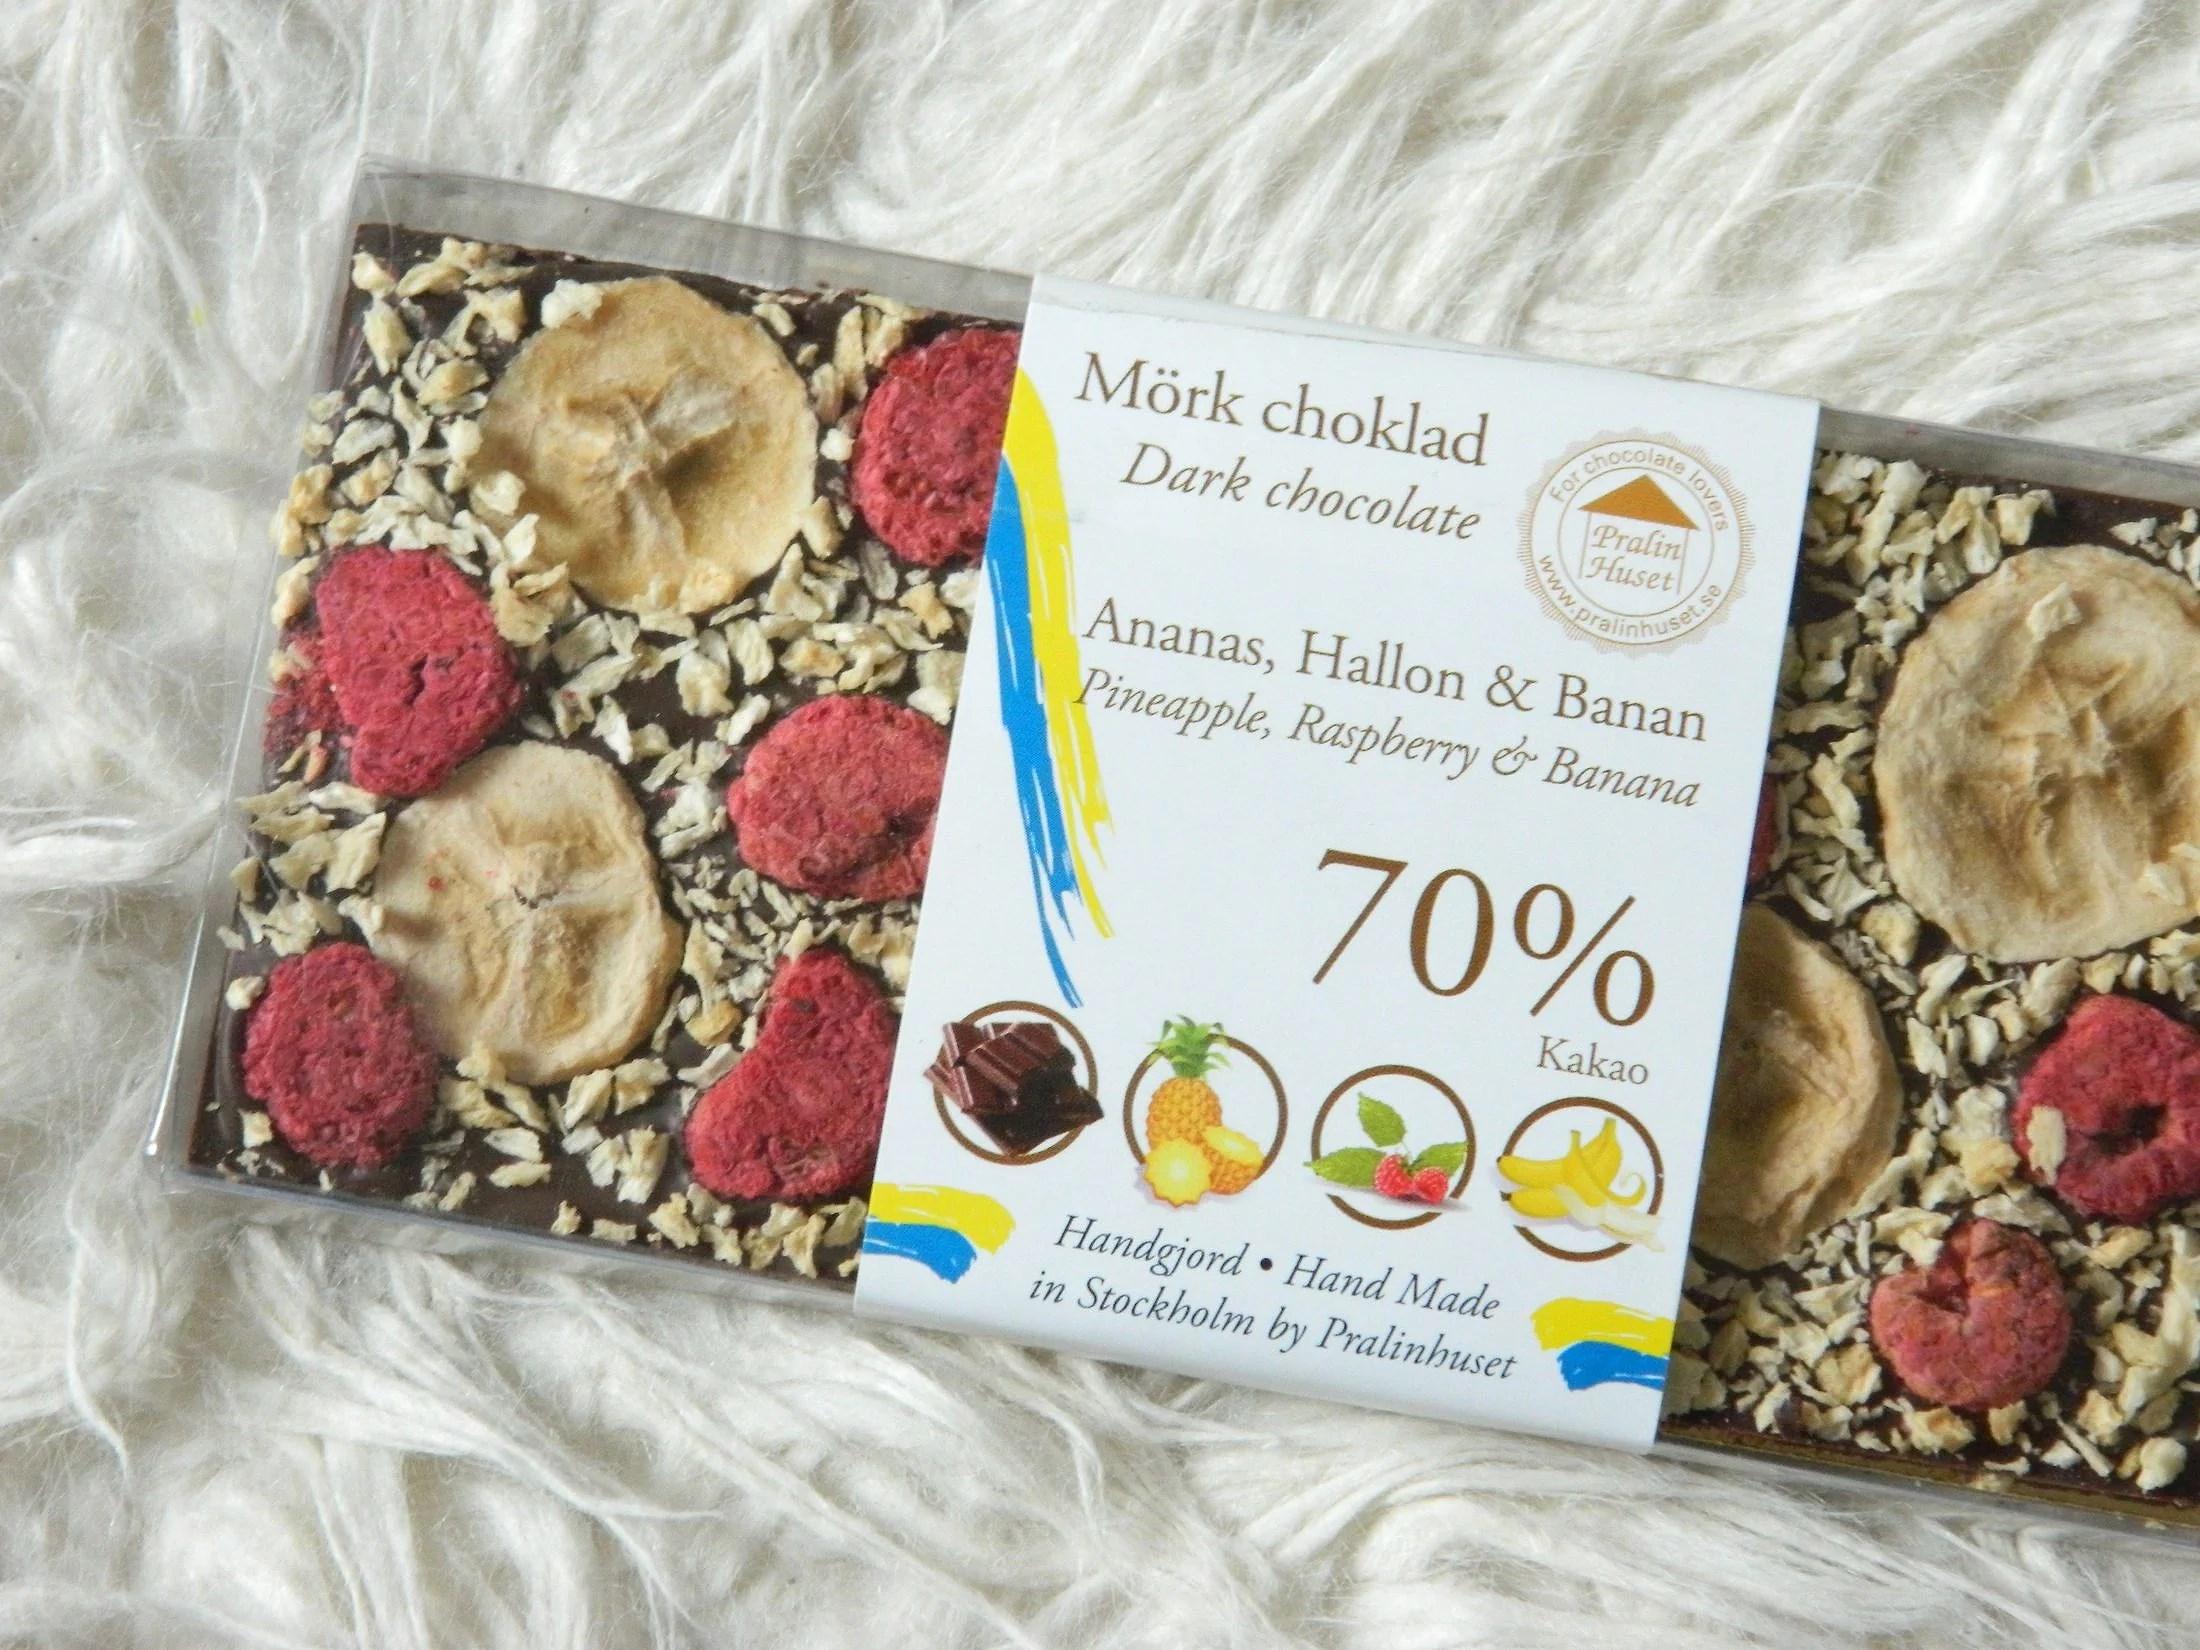 Världens vackraste chokladkaka?